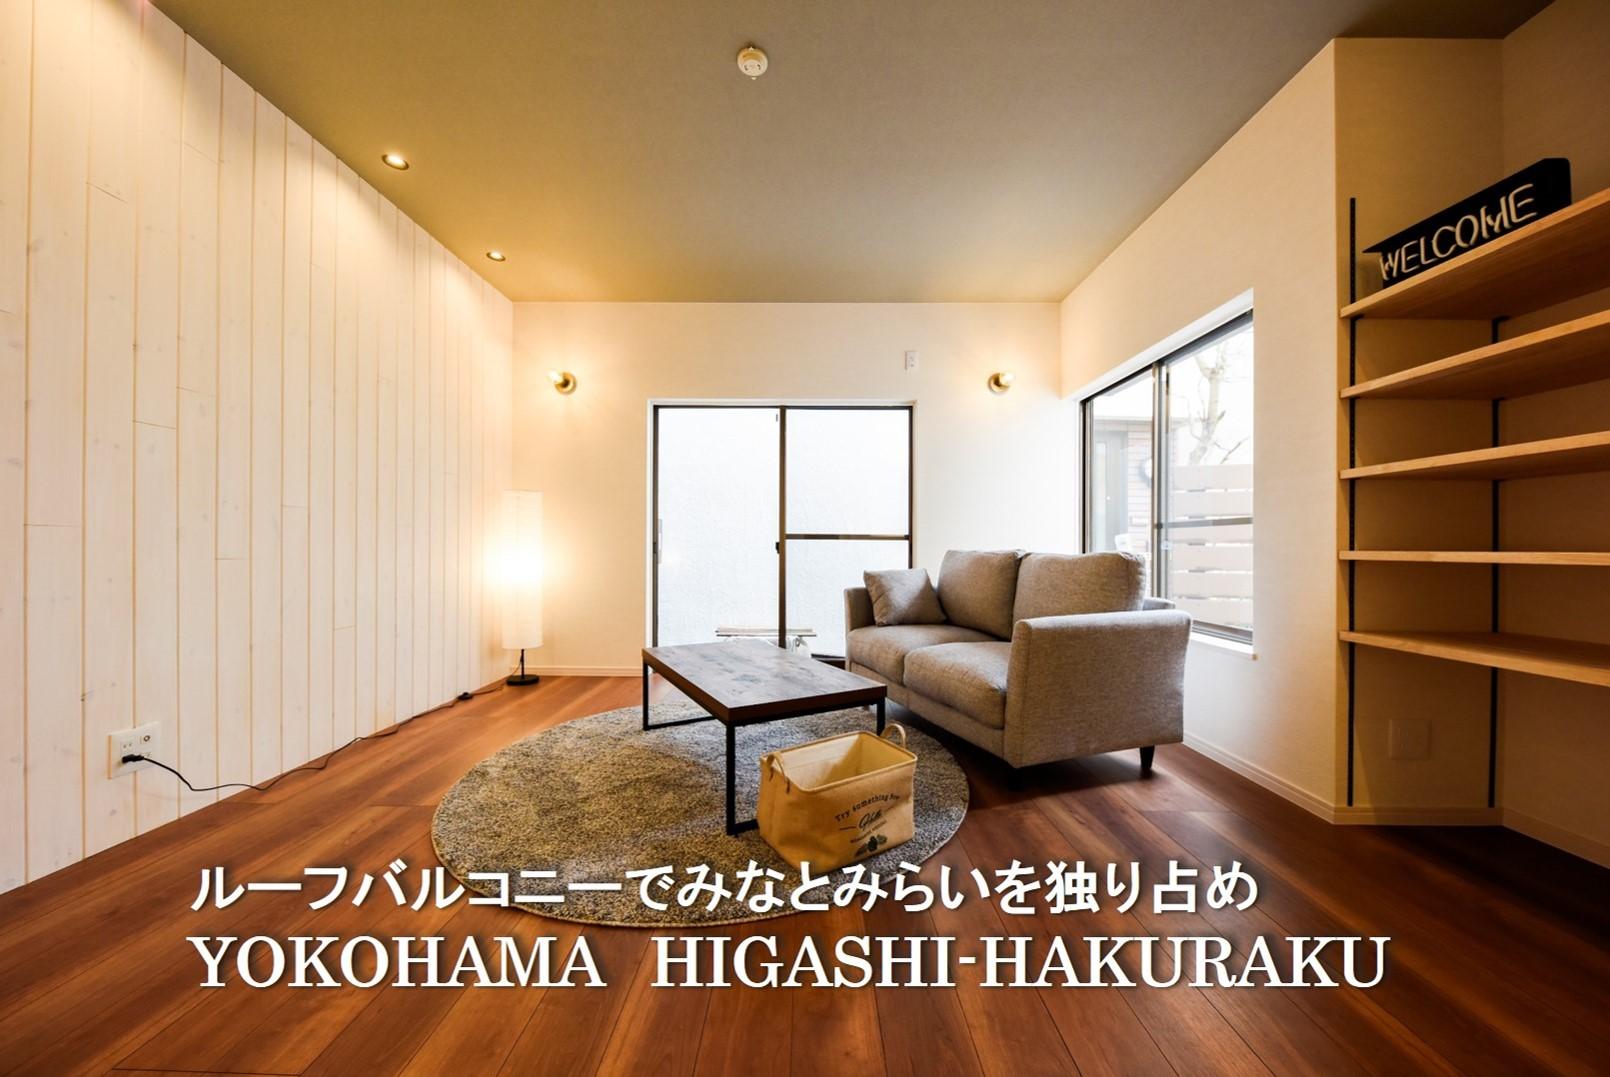 ルーフバルコニーでみなとみらいを独り占め 東白楽  |YOKOHAMA HIGAHI-HAKURAKU